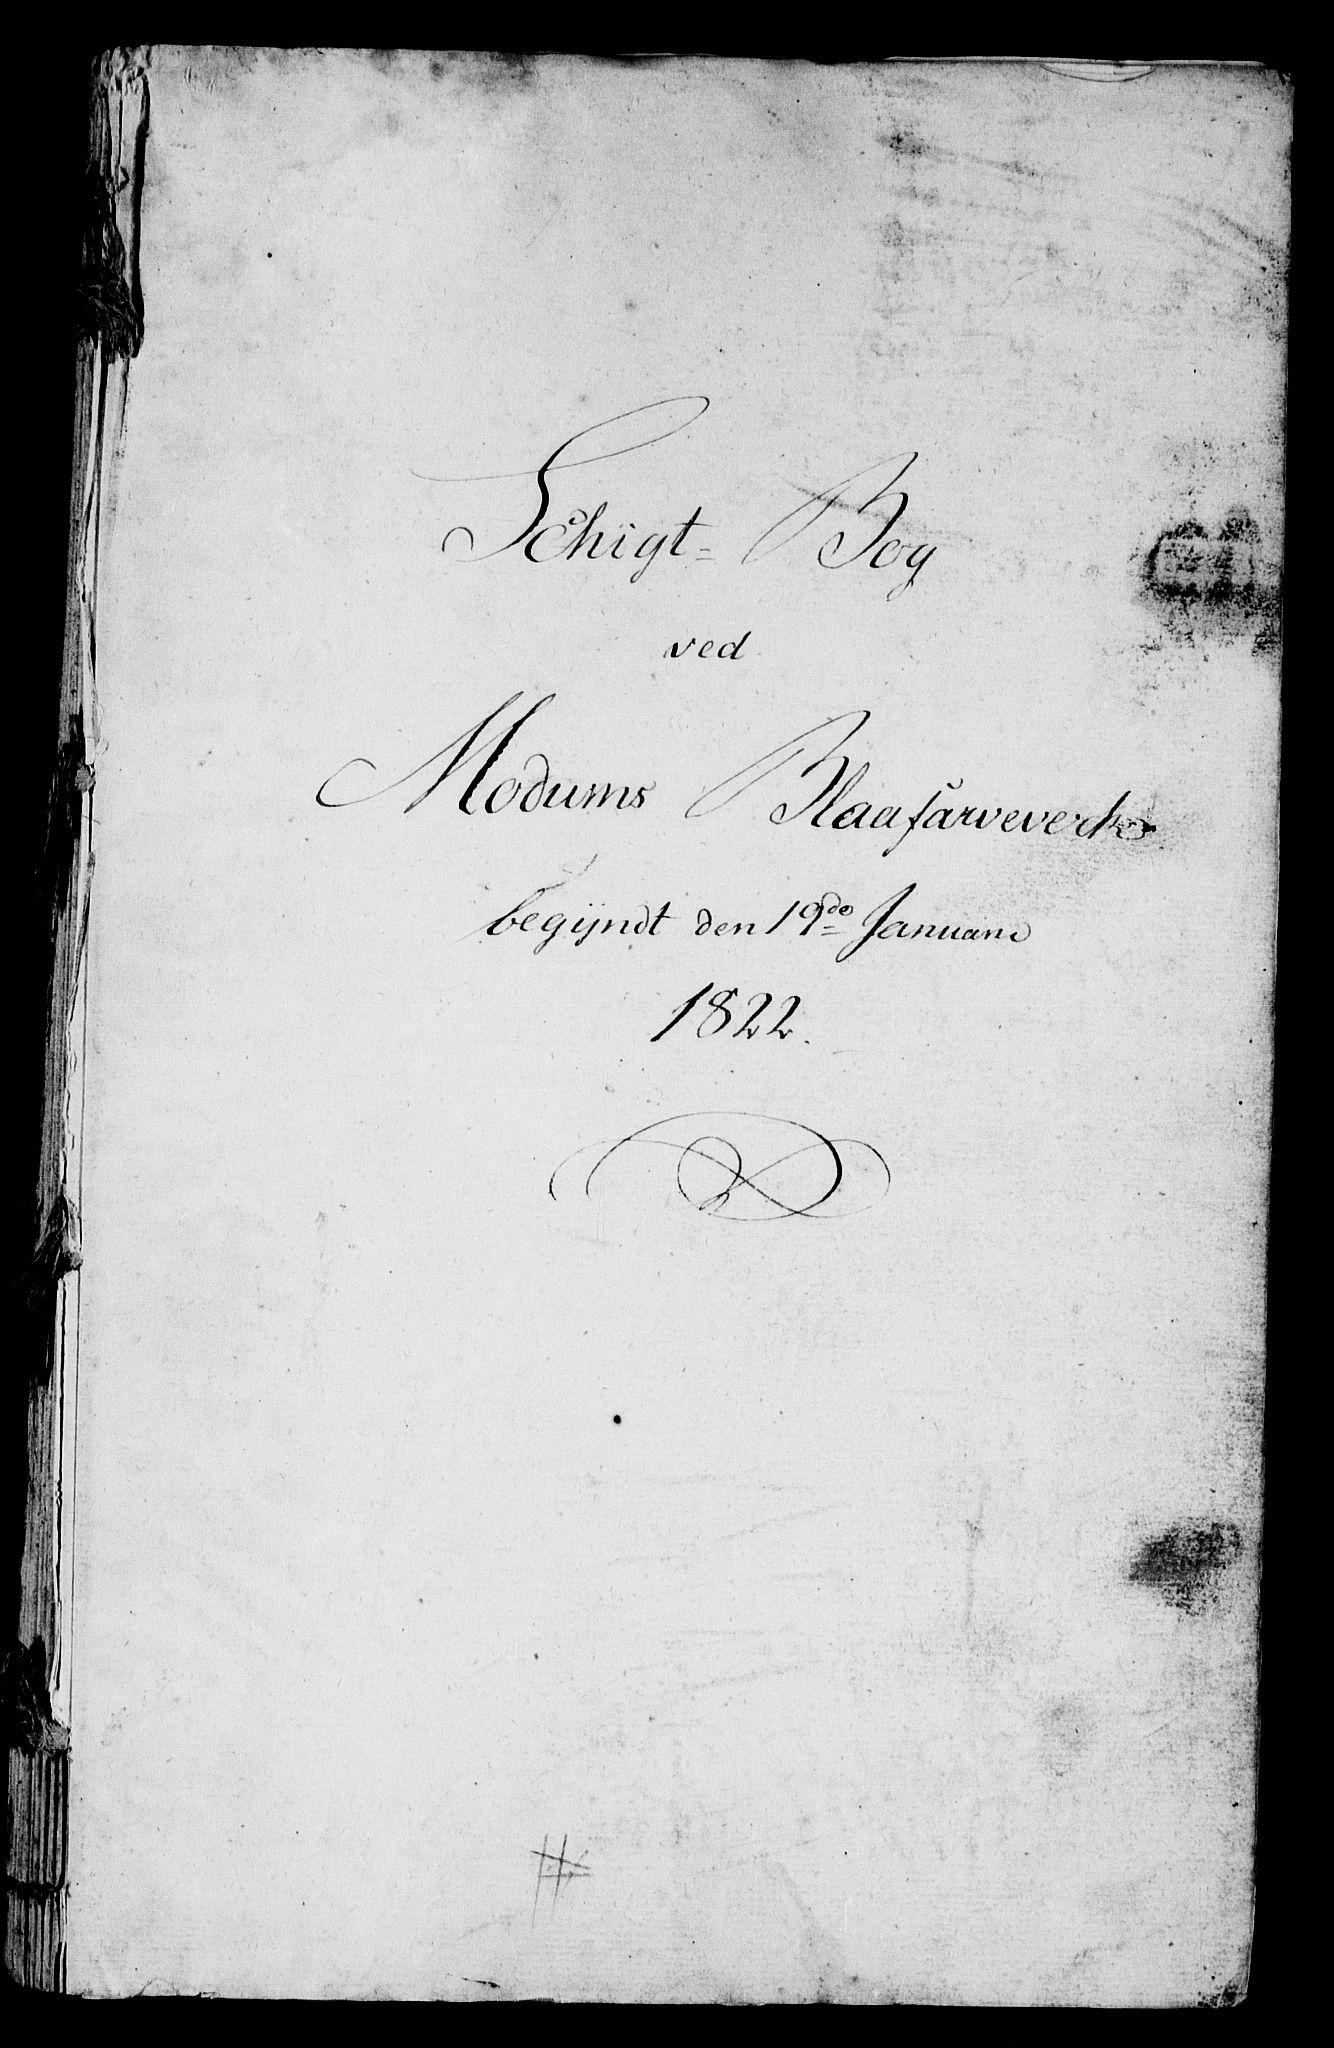 RA, Modums Blaafarveværk, G/Gd/Gdb/L0204: Schigt-Bog ved Modums Blaafarveverk (Regning over utgiftene ved farveverket), 1822-1825, s. 2